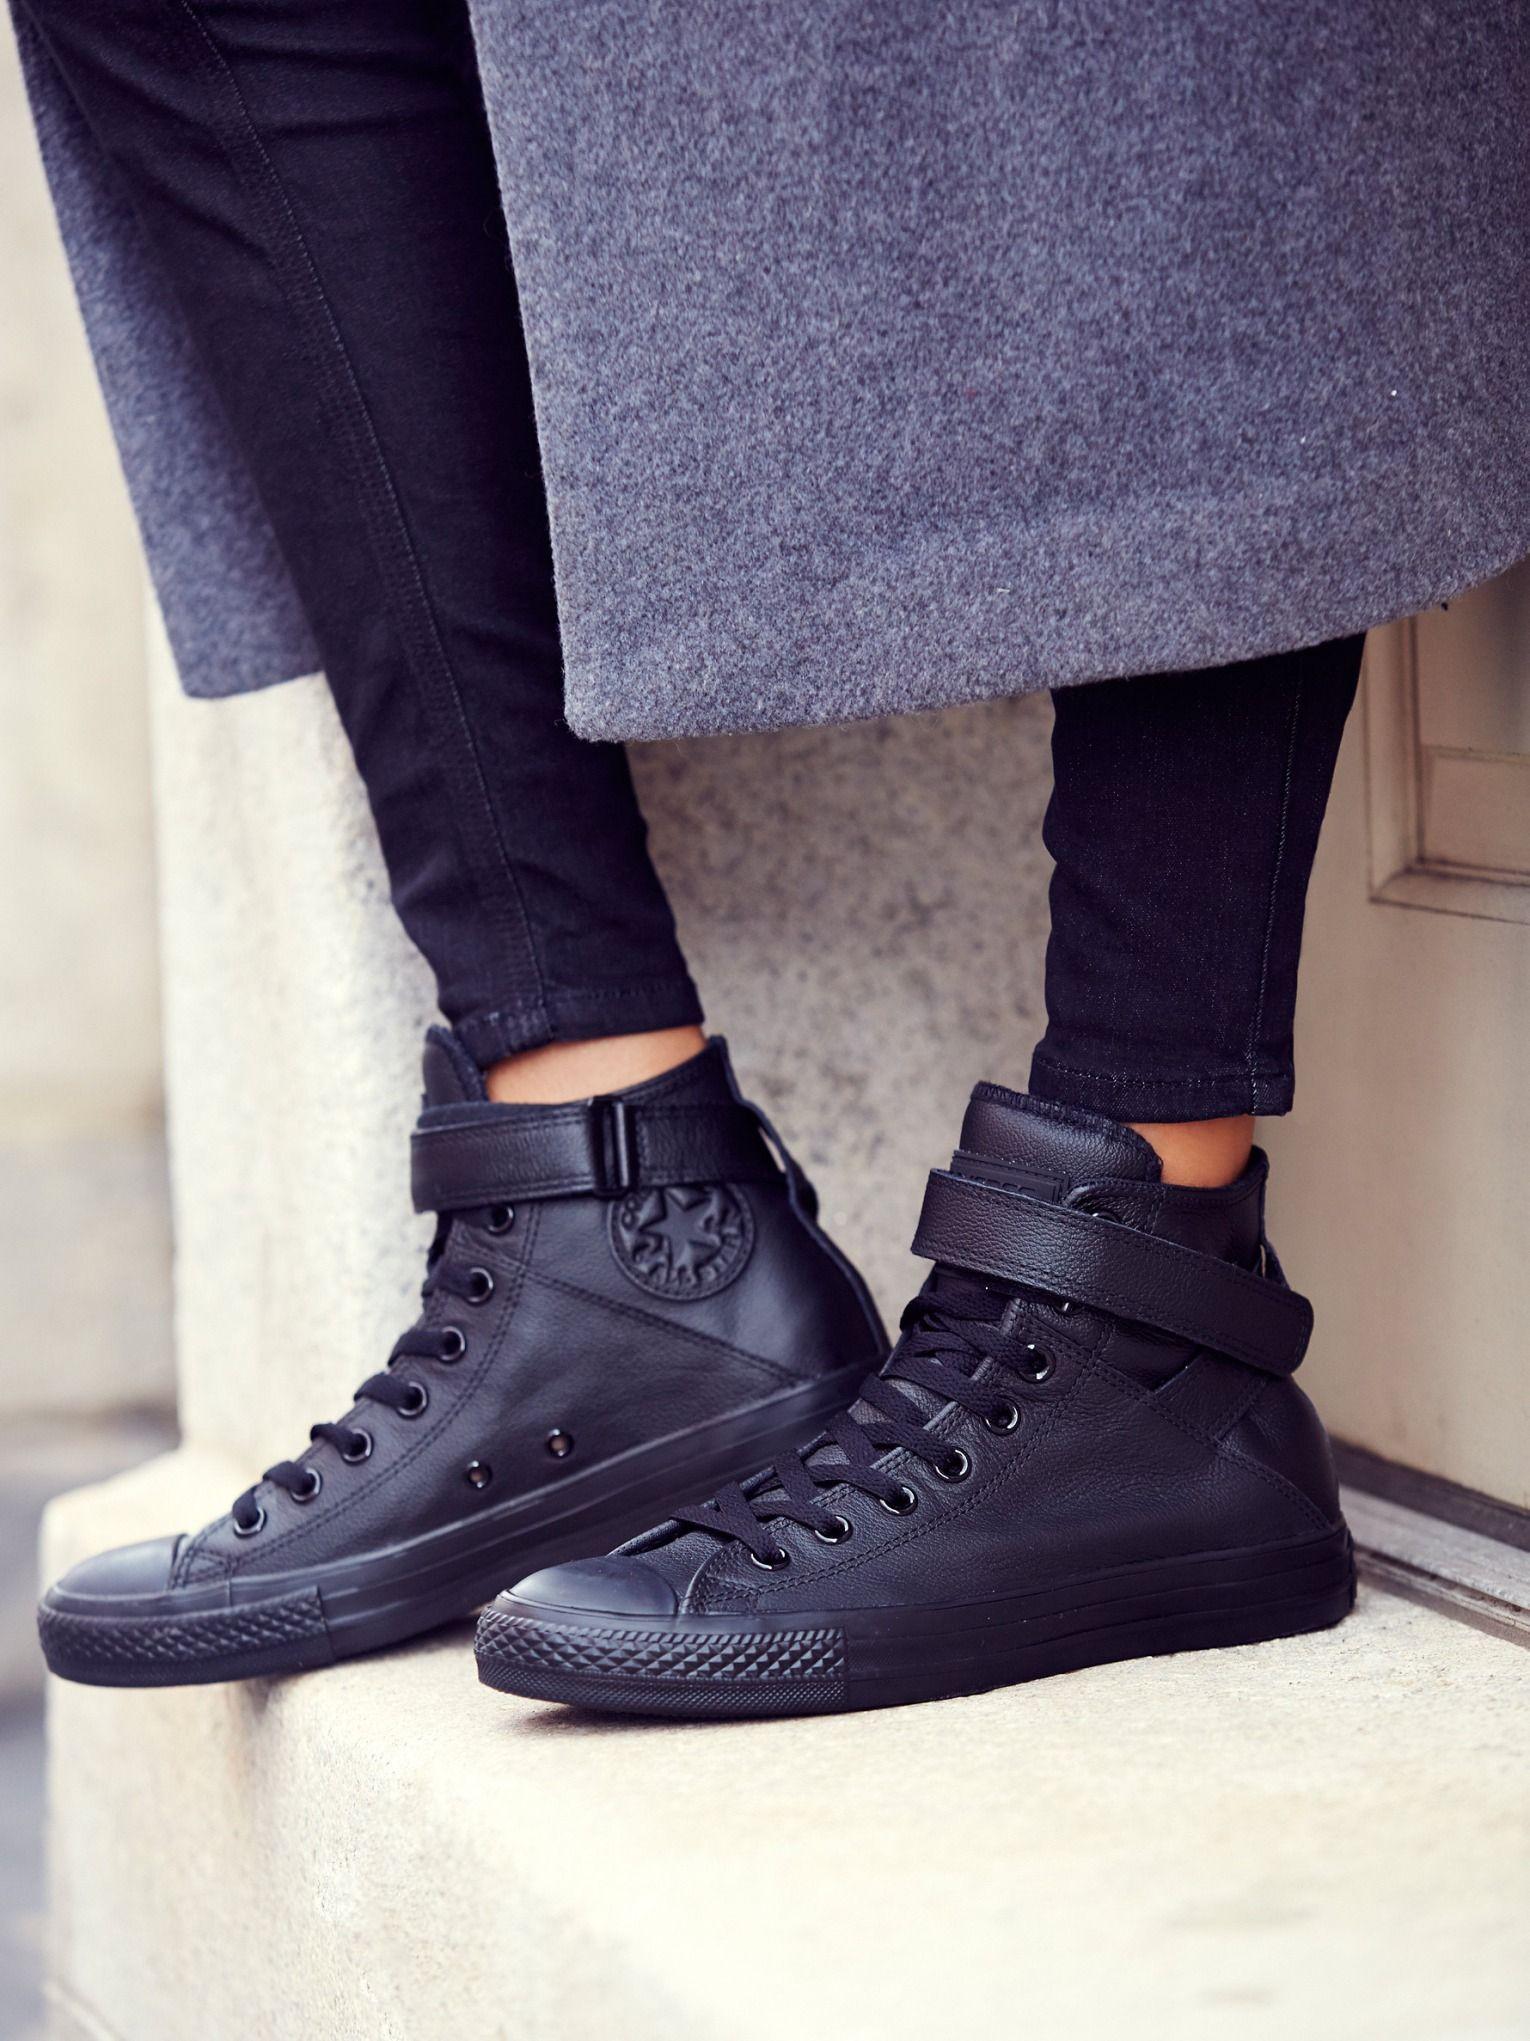 converse mono leather